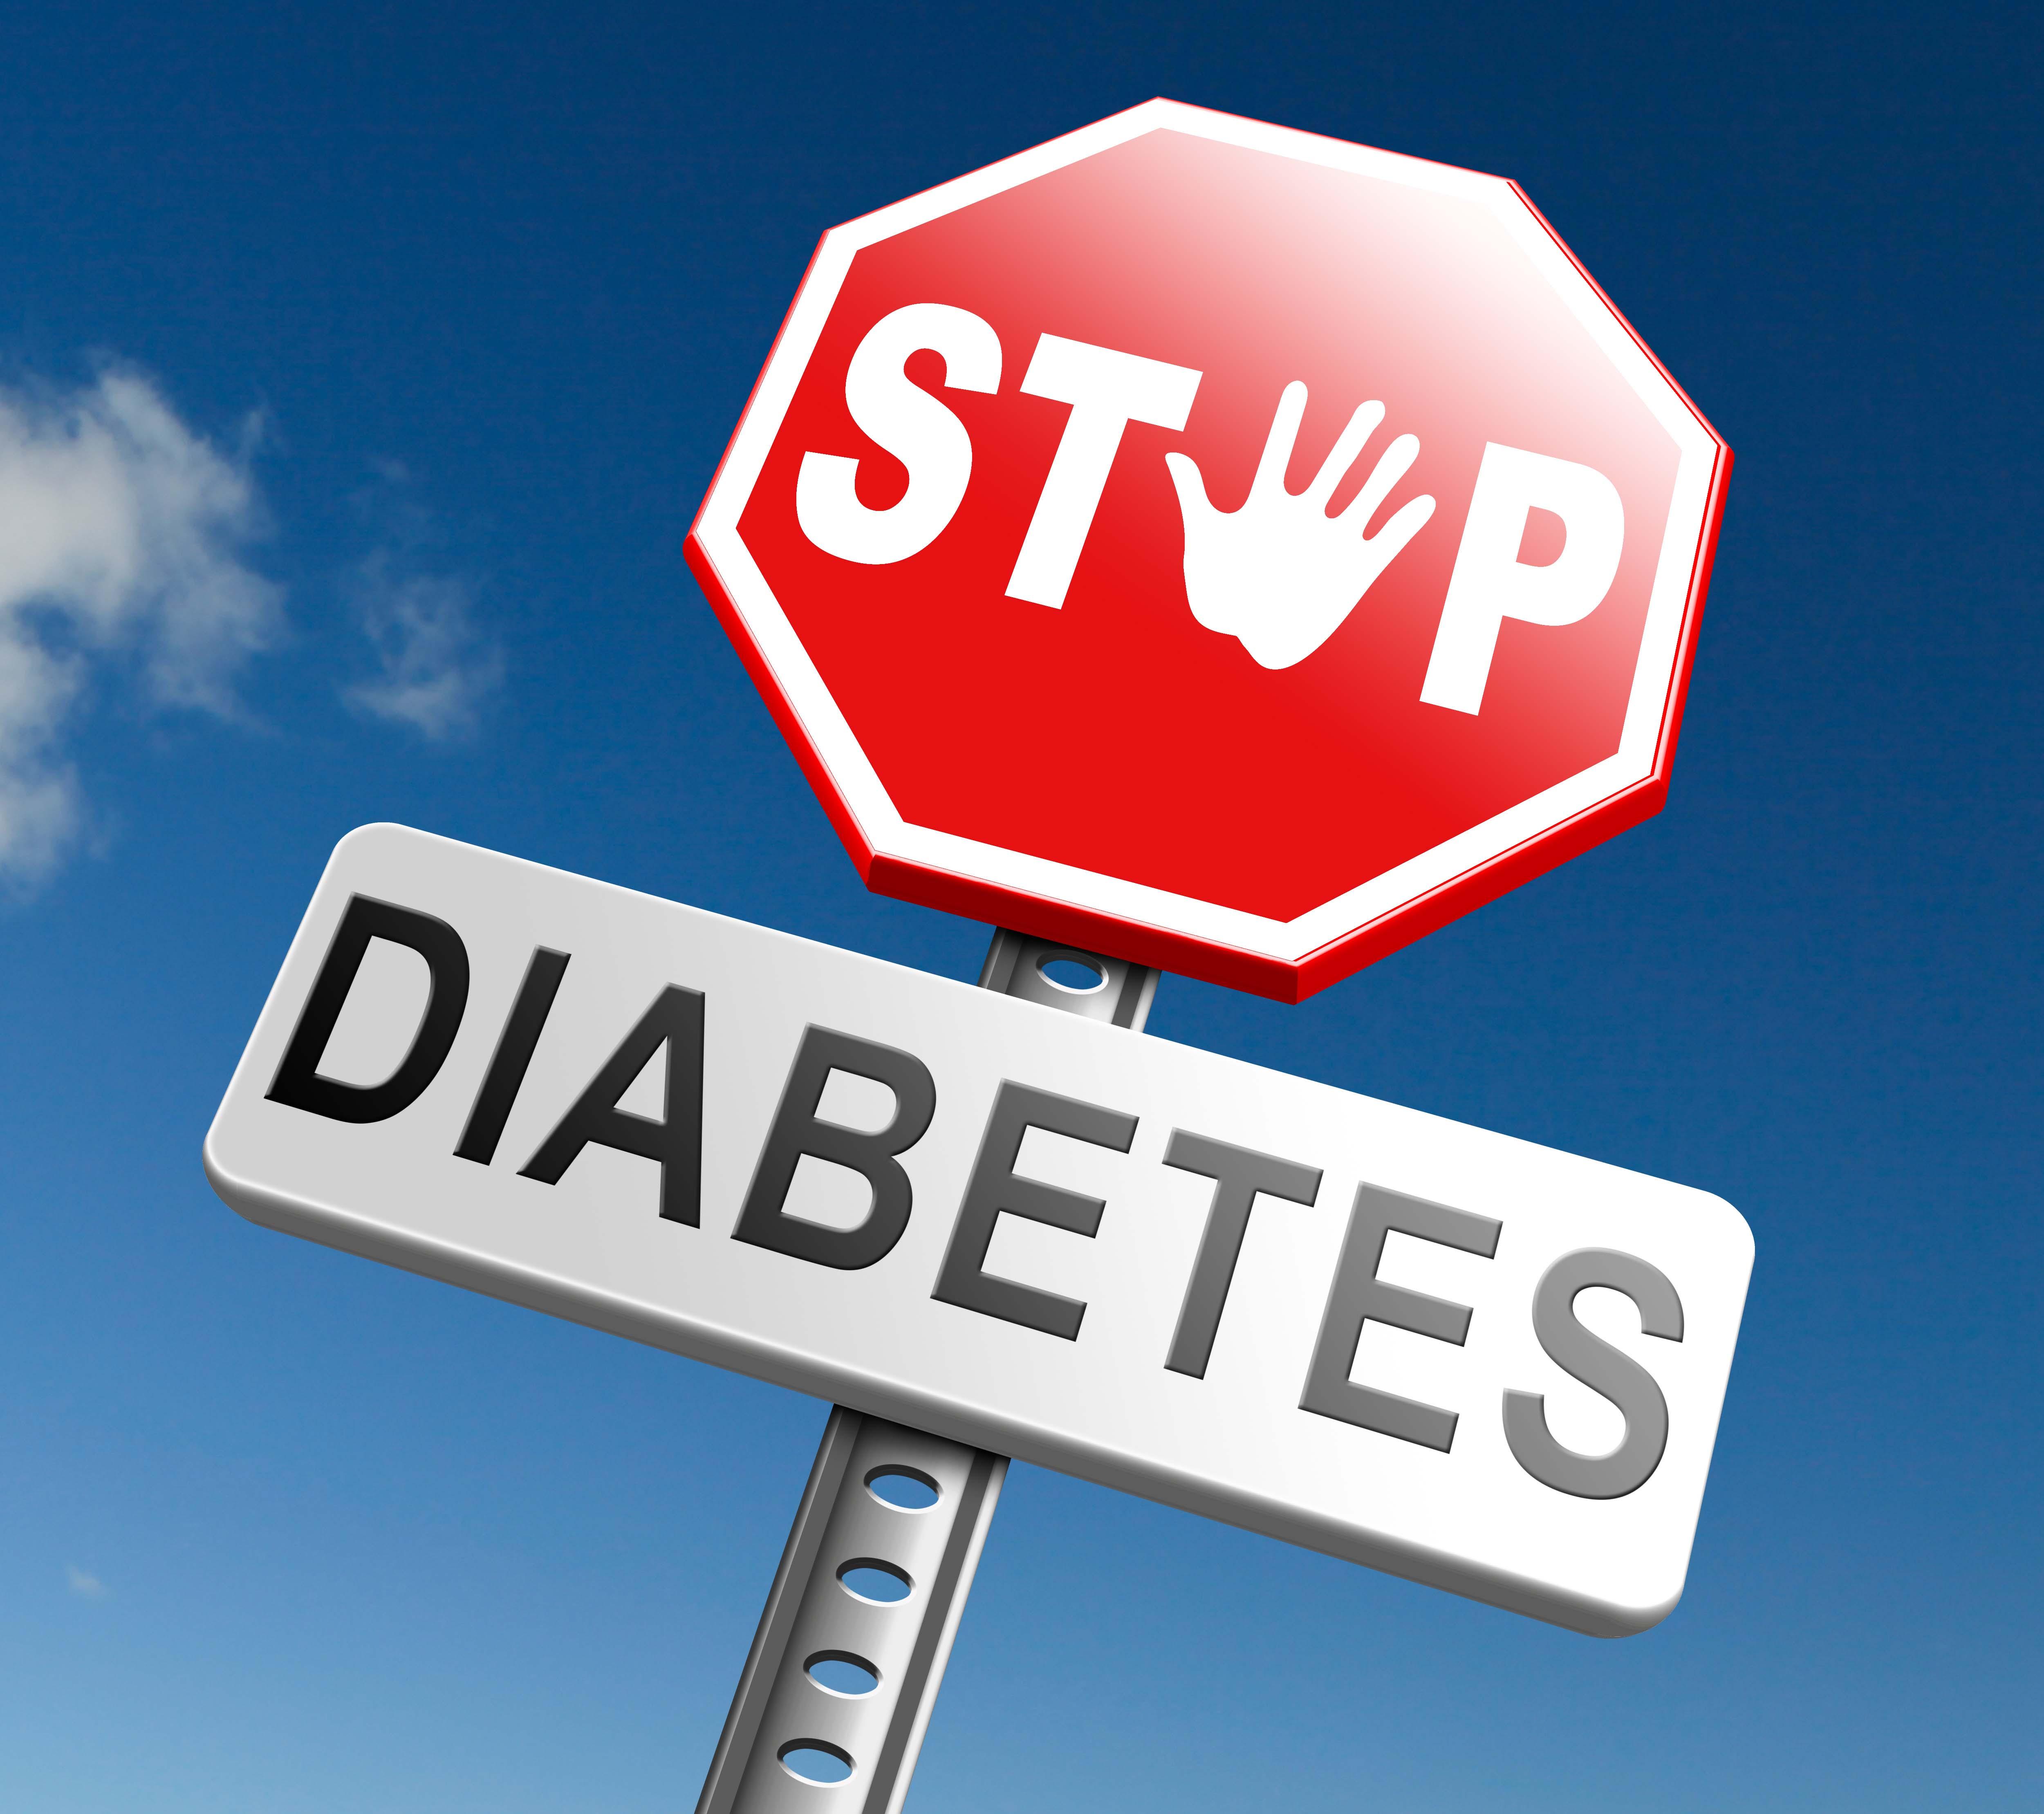 about-diabetes